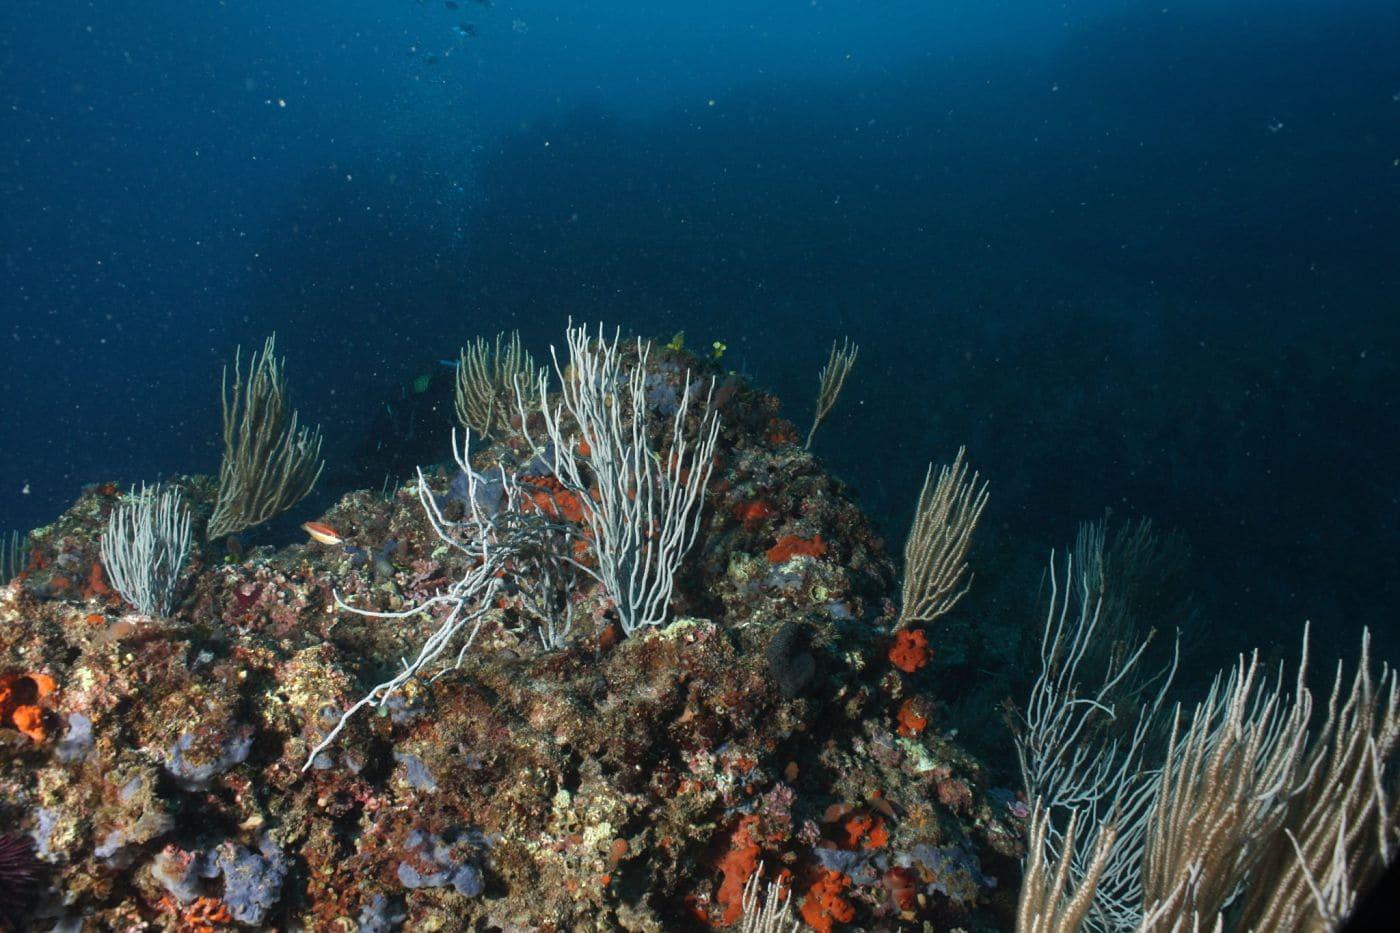 Biocenosis marinas: comunidades planctónicas y bentónicas